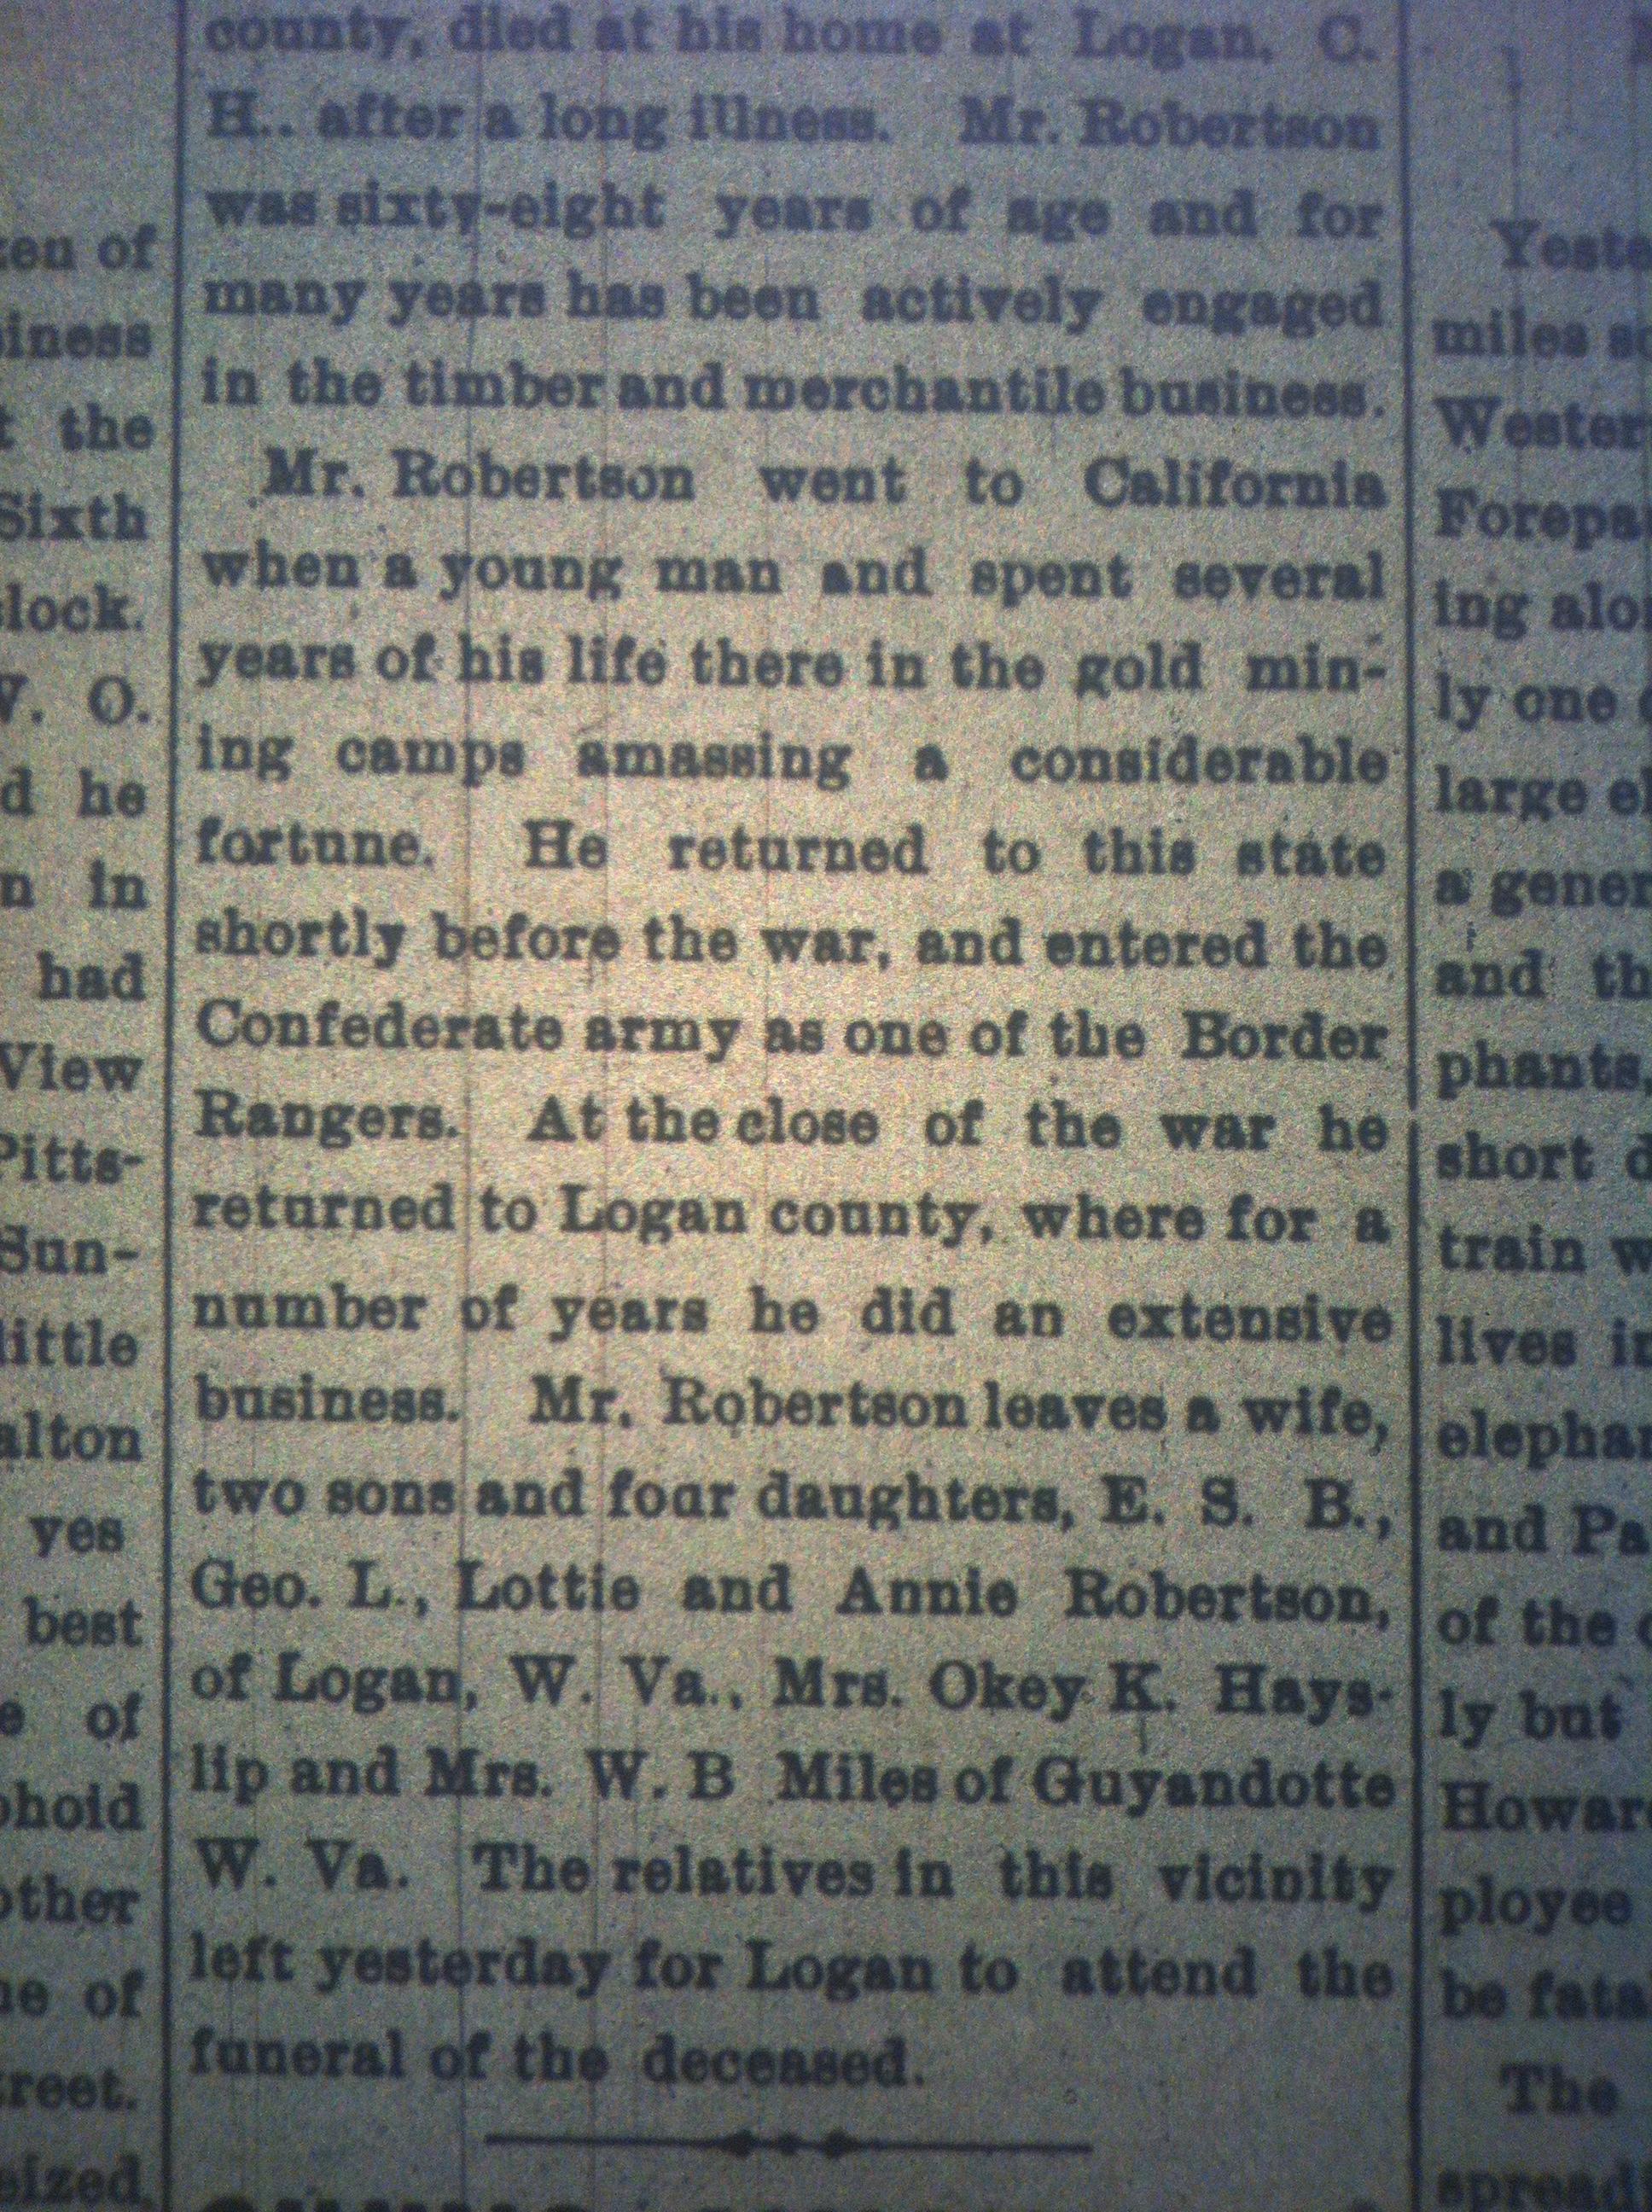 J.E. Robertson of Logan Dead HuA 09.26.1898 2